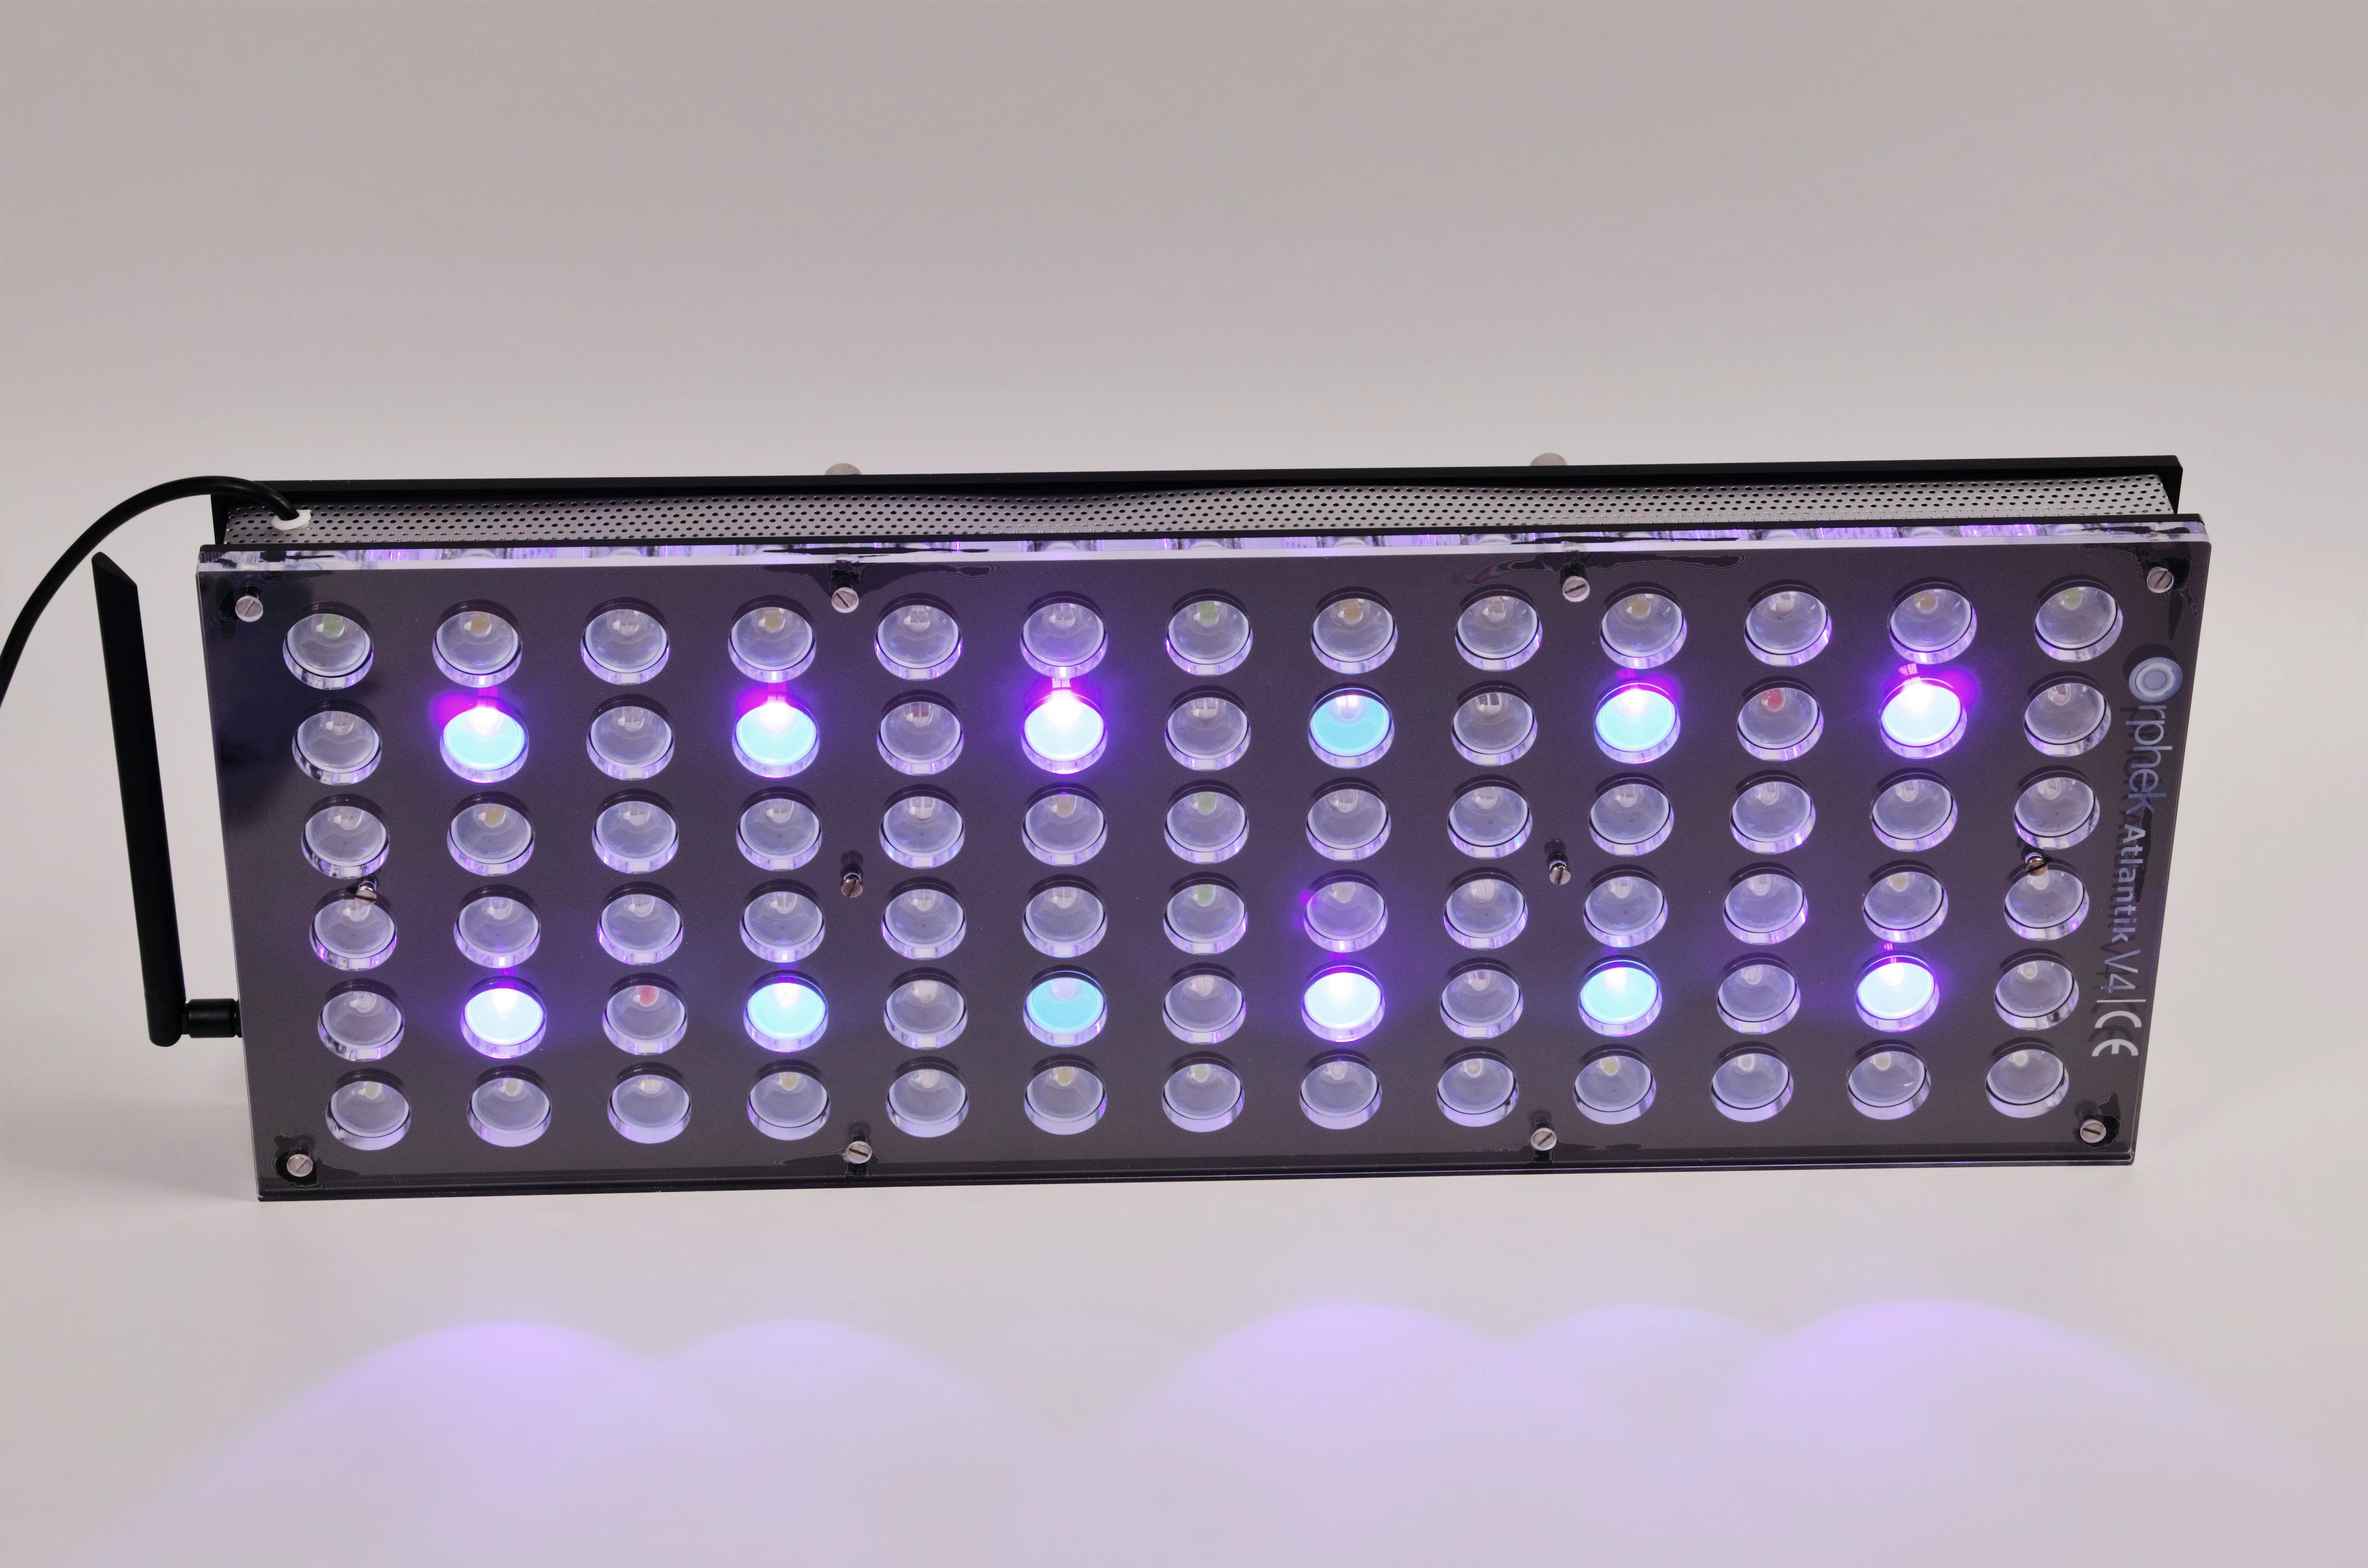 Orphek-Aquarium-LED-Lighting-Reef-Atlantik-V4-light-on-channel 3-DSC_4311